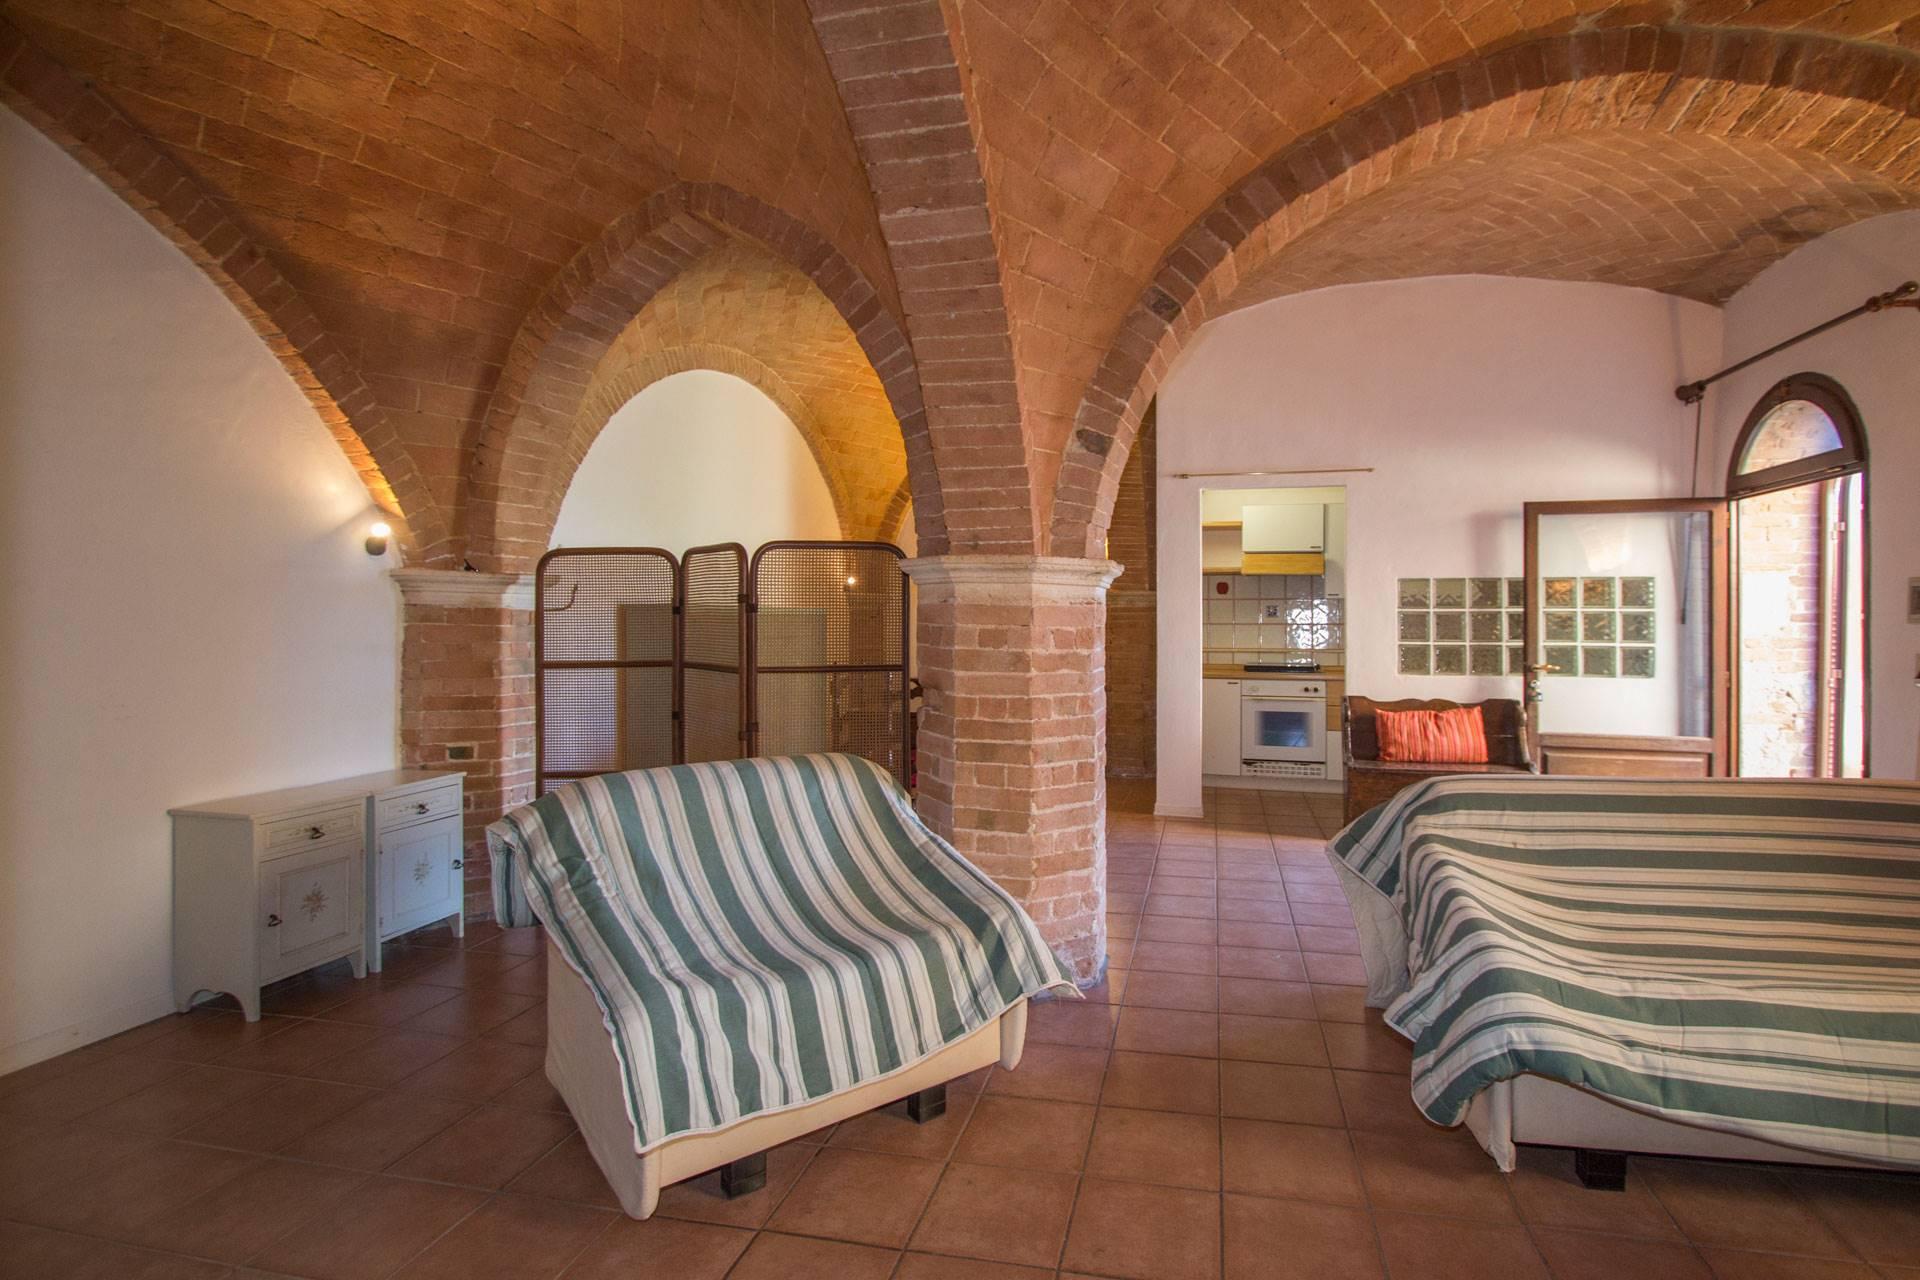 In un piccolo paese a pochi chilometri da Siena, caratteristico monolocale con ingresso privato al piano terra di un casolare. L'appartamento di mq